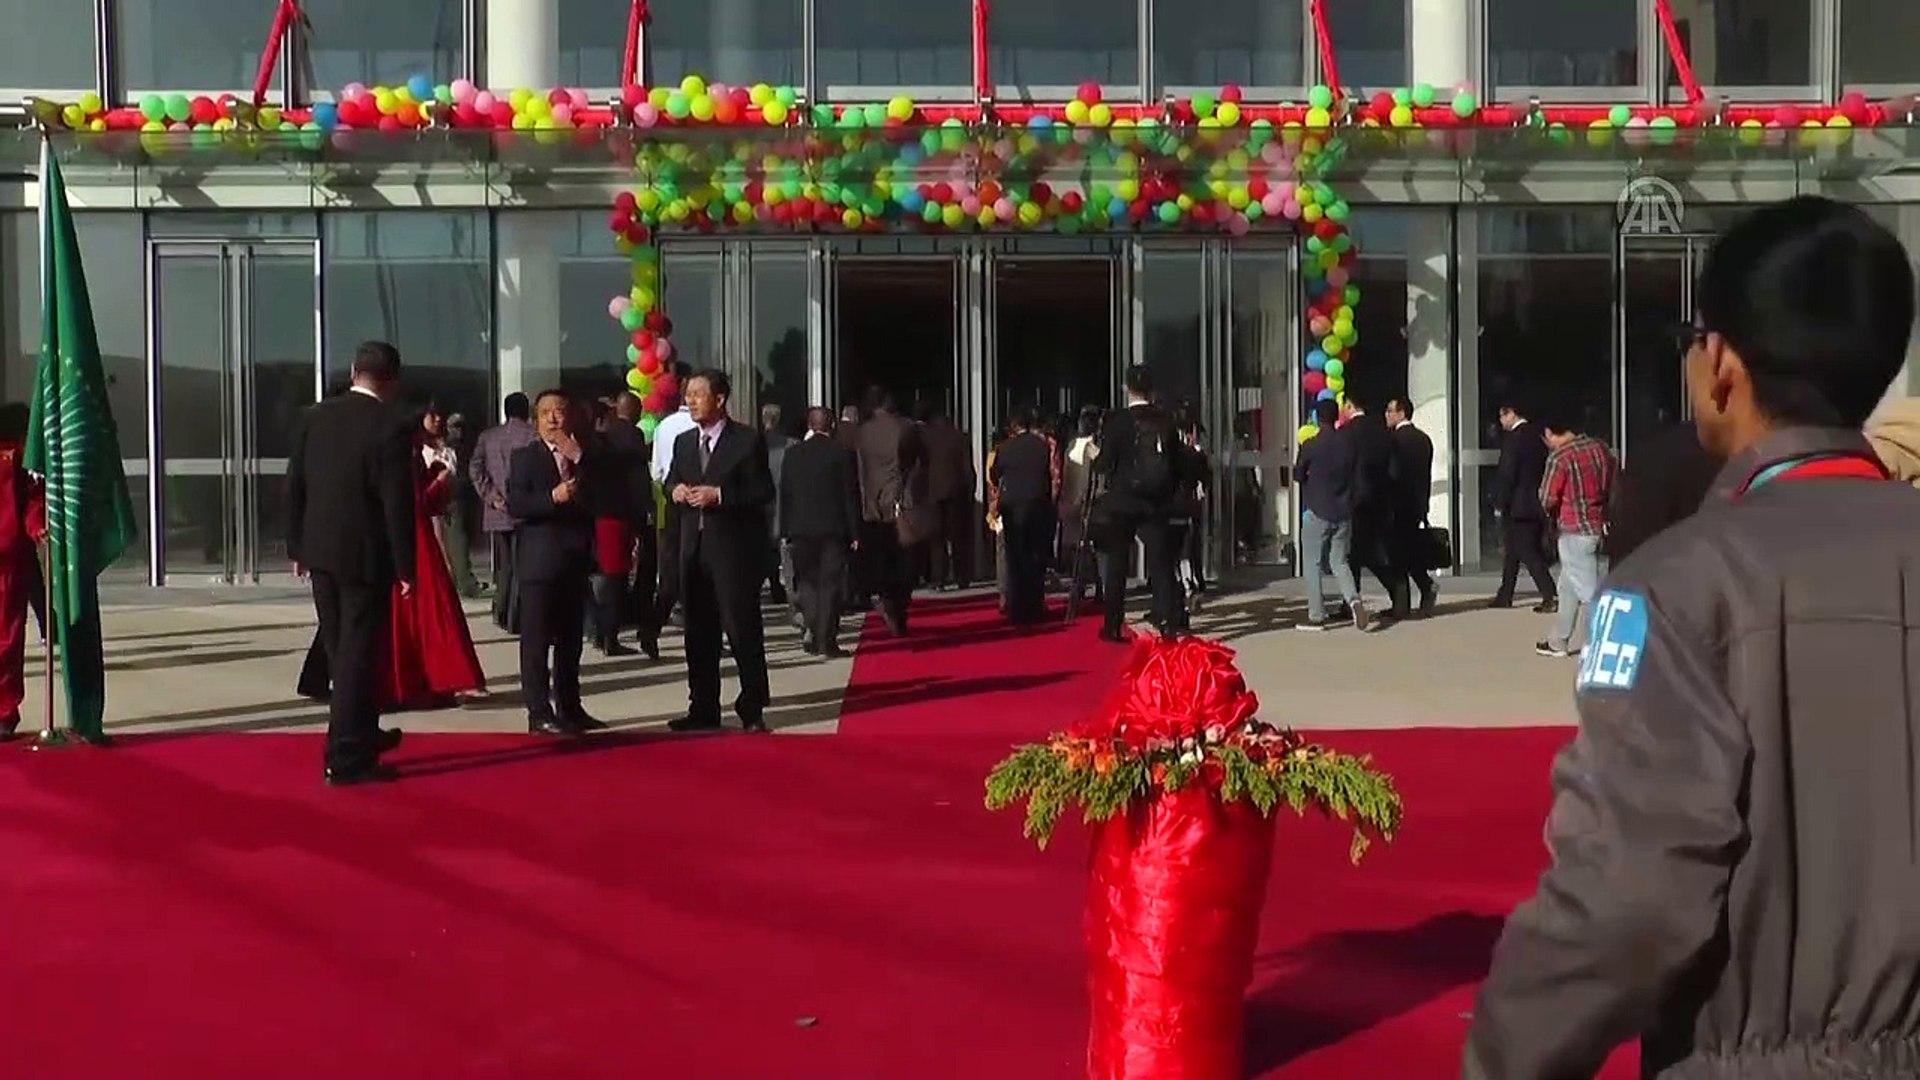 'Çin Afrika'yla güvenlik alanındaki iş birliğini derinleştirecek' - ADDİS ABABA